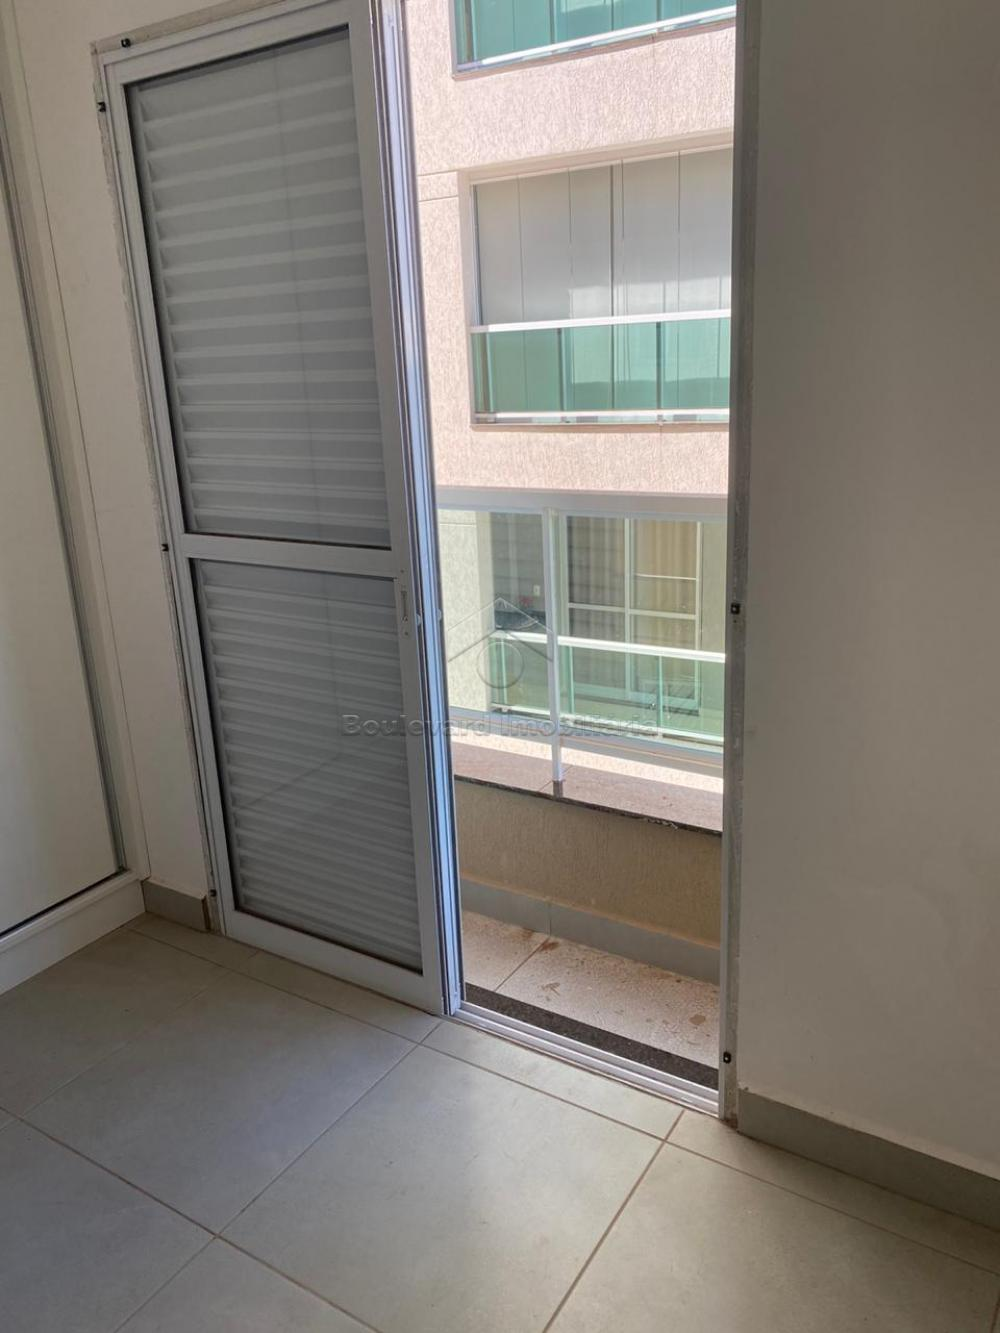 Alugar Apartamento / Padrão em Ribeirão Preto apenas R$ 1.000,00 - Foto 8